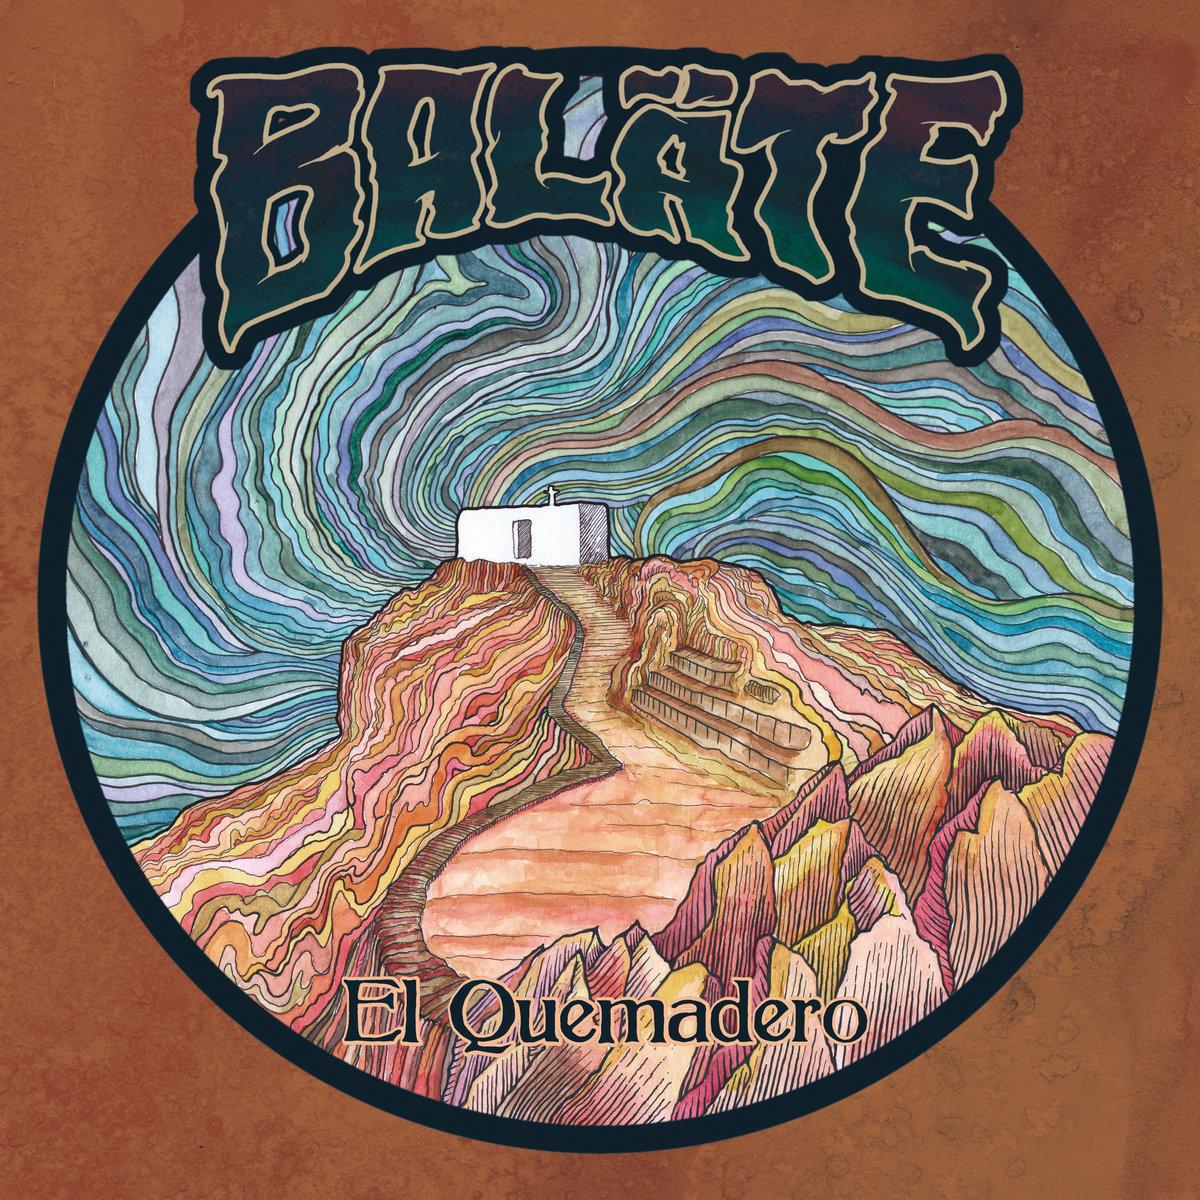 BALÄTE publica su debut 'El Quemadero'